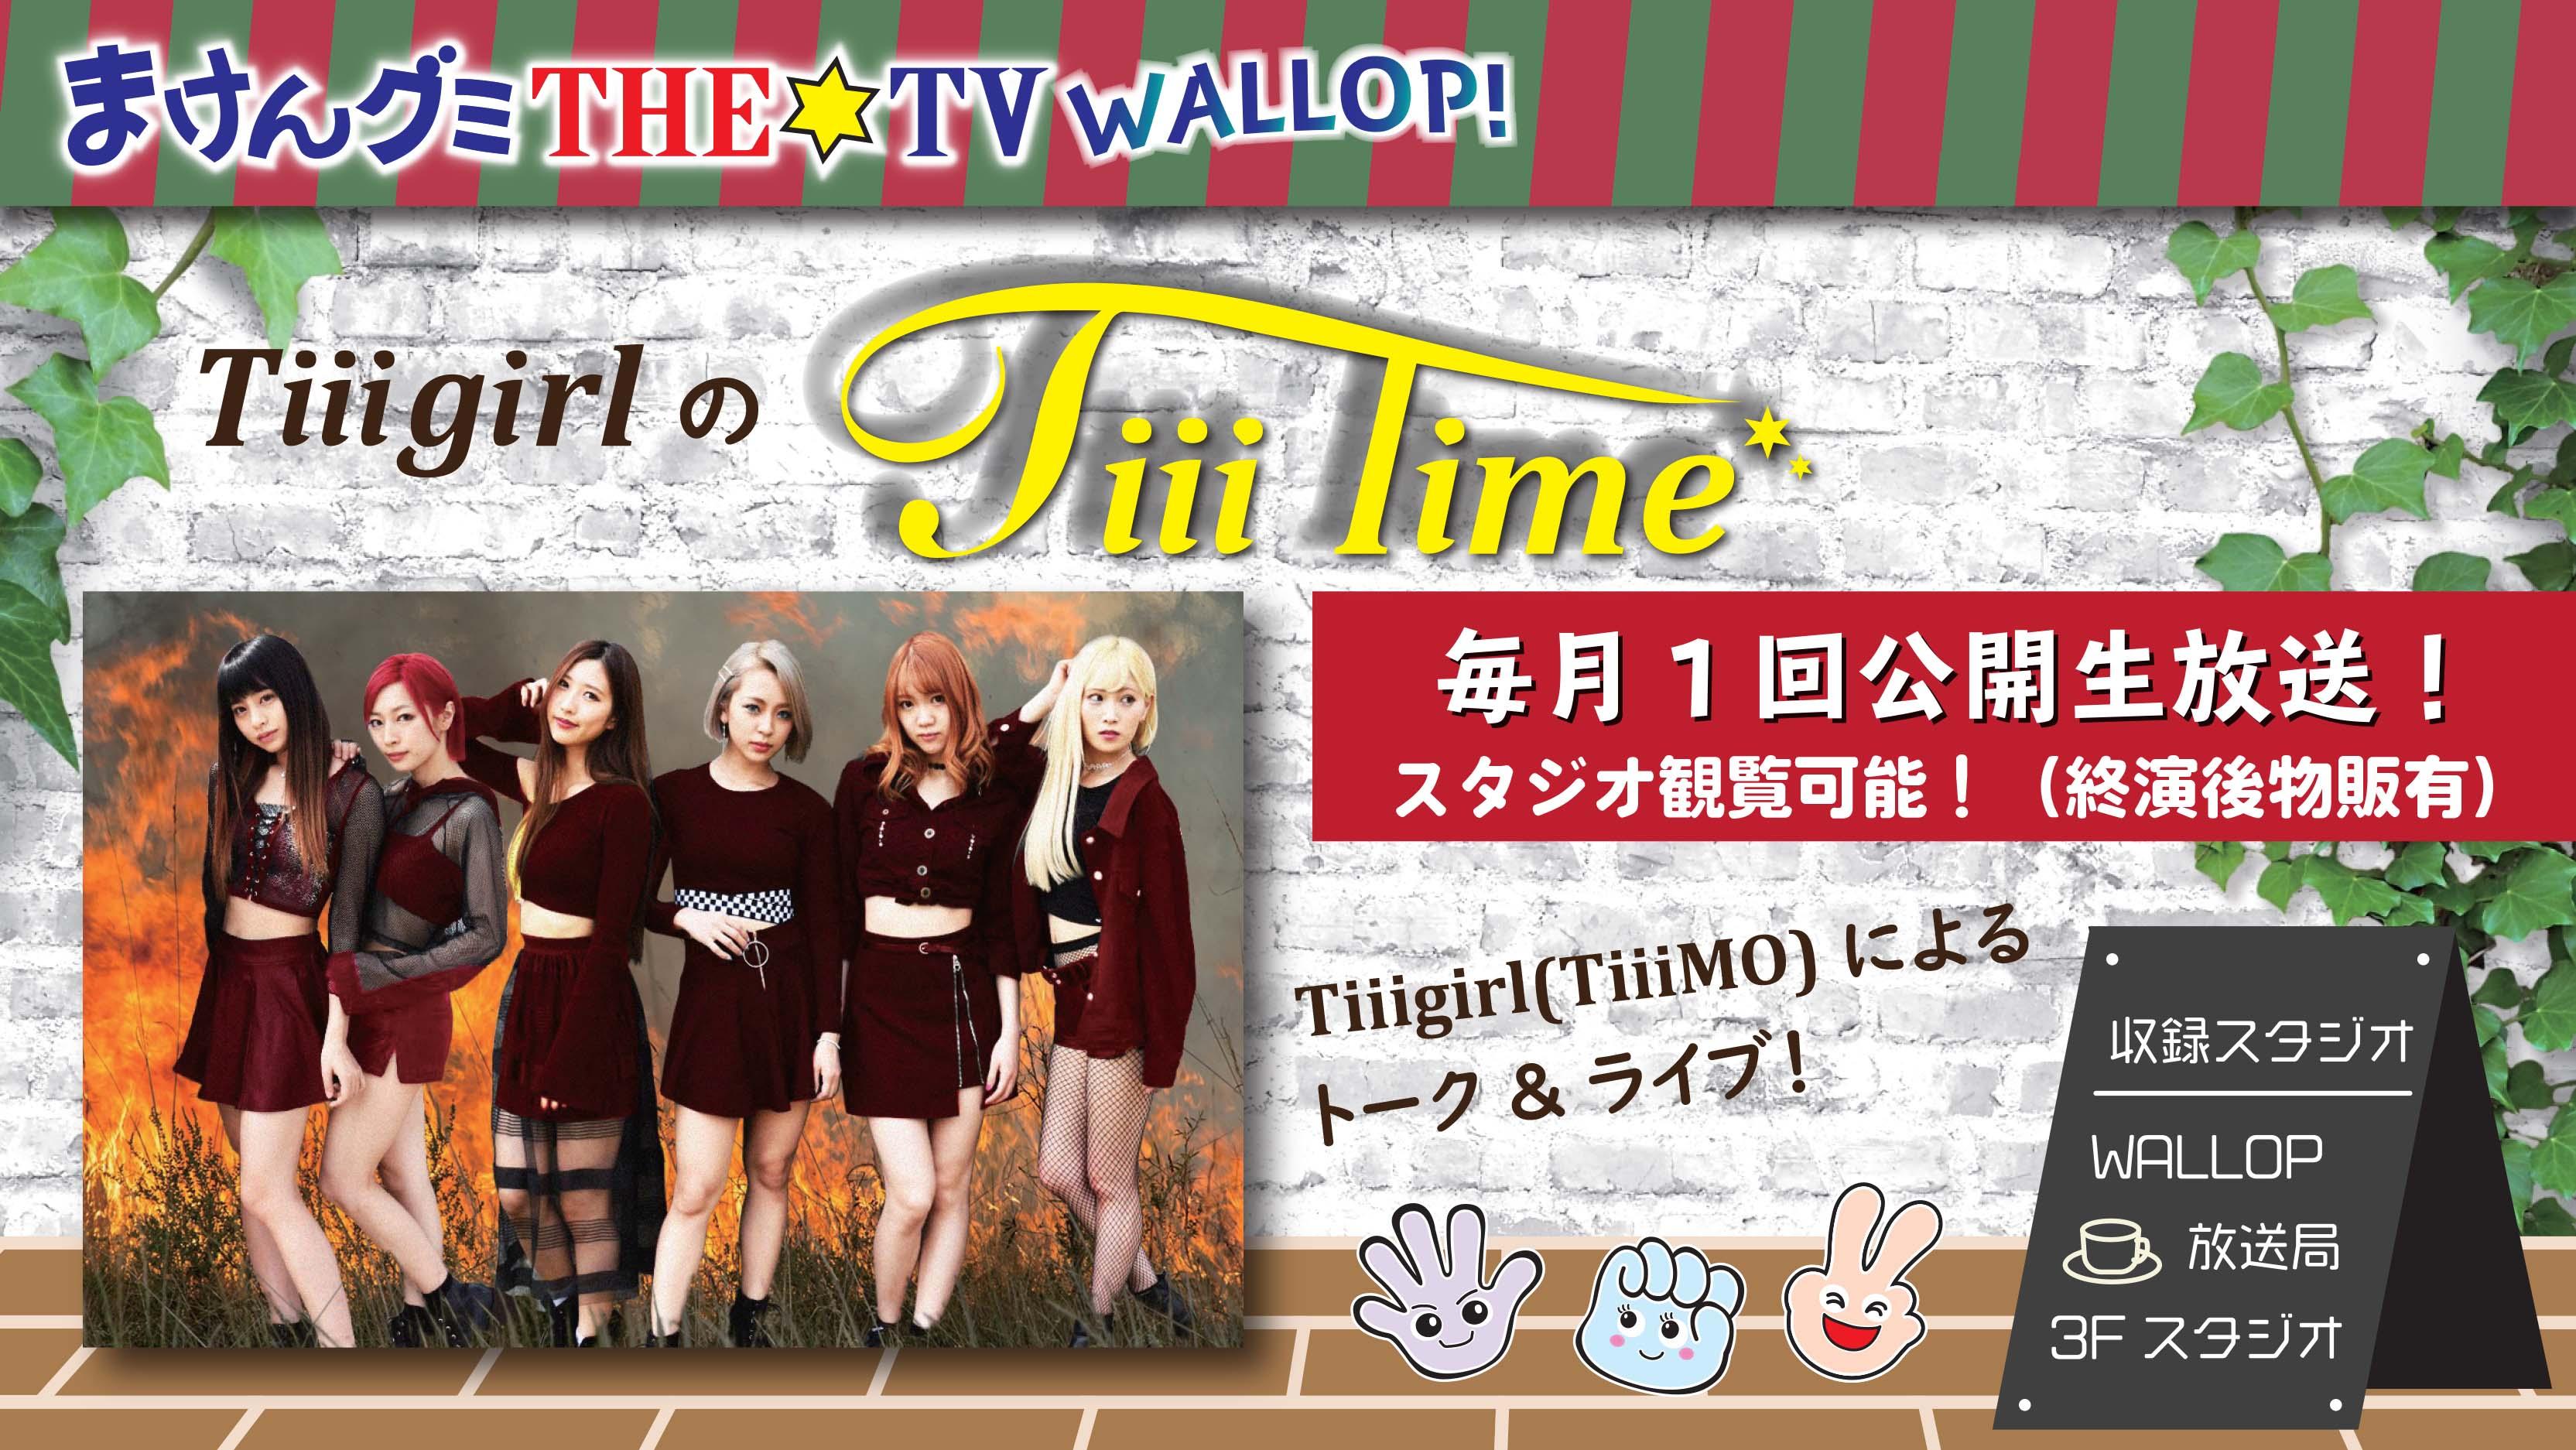 """まけんグミTHE☆TV WALLOP『Tiiigirlの""""TiiiTime""""』"""